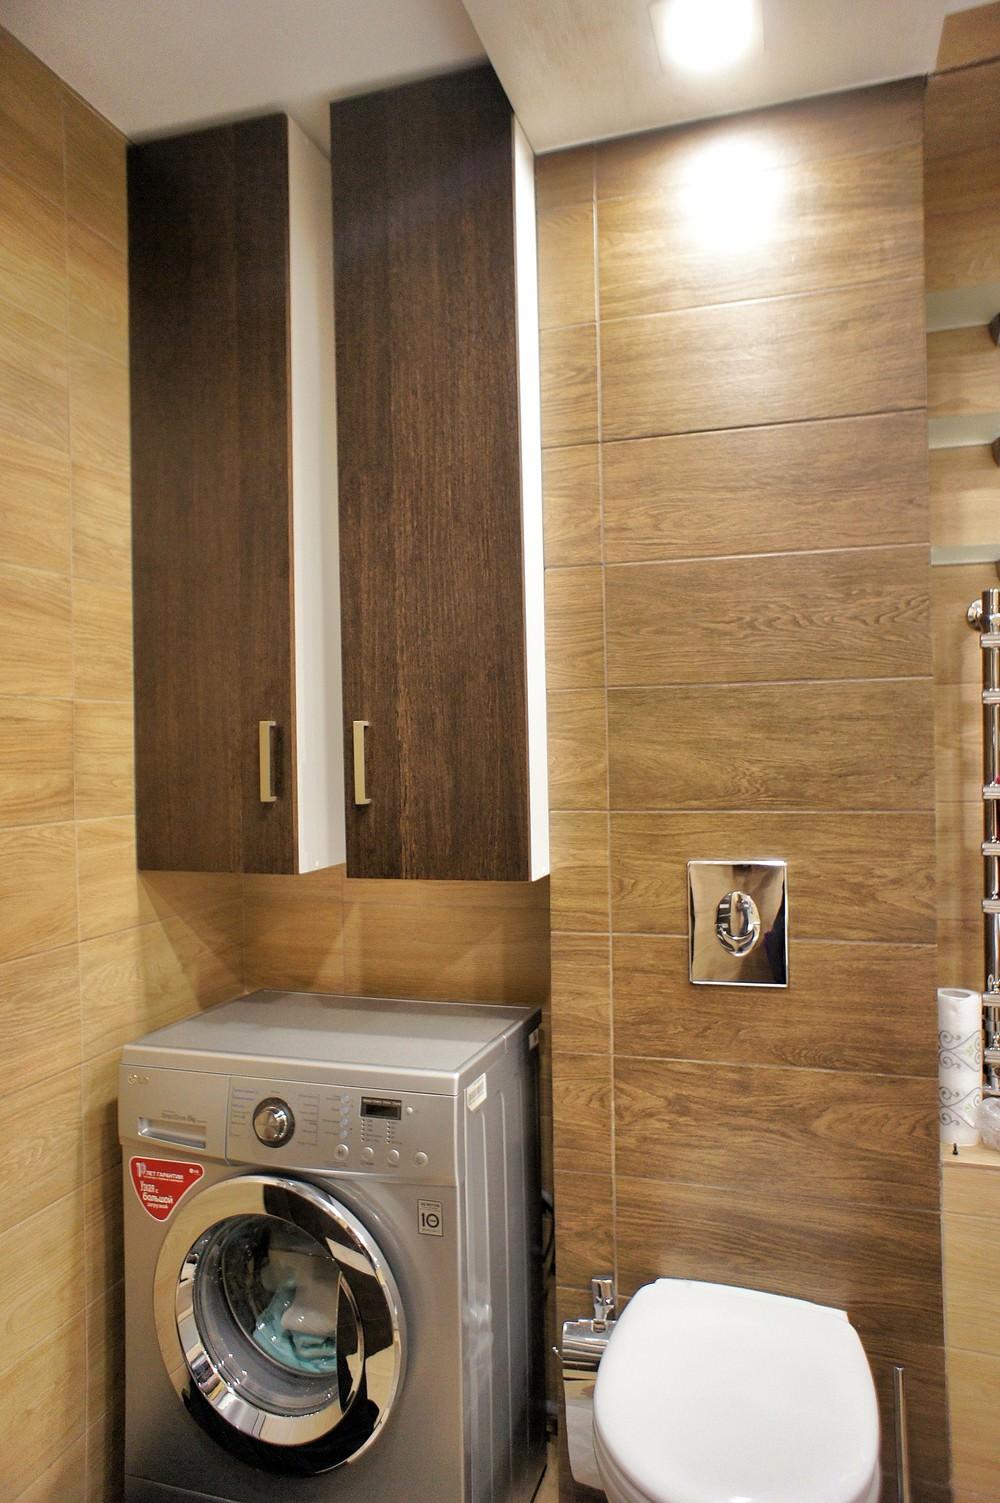 apartament-s-moderen-dizain-i-dinamichno-led-osvetlenie-915g